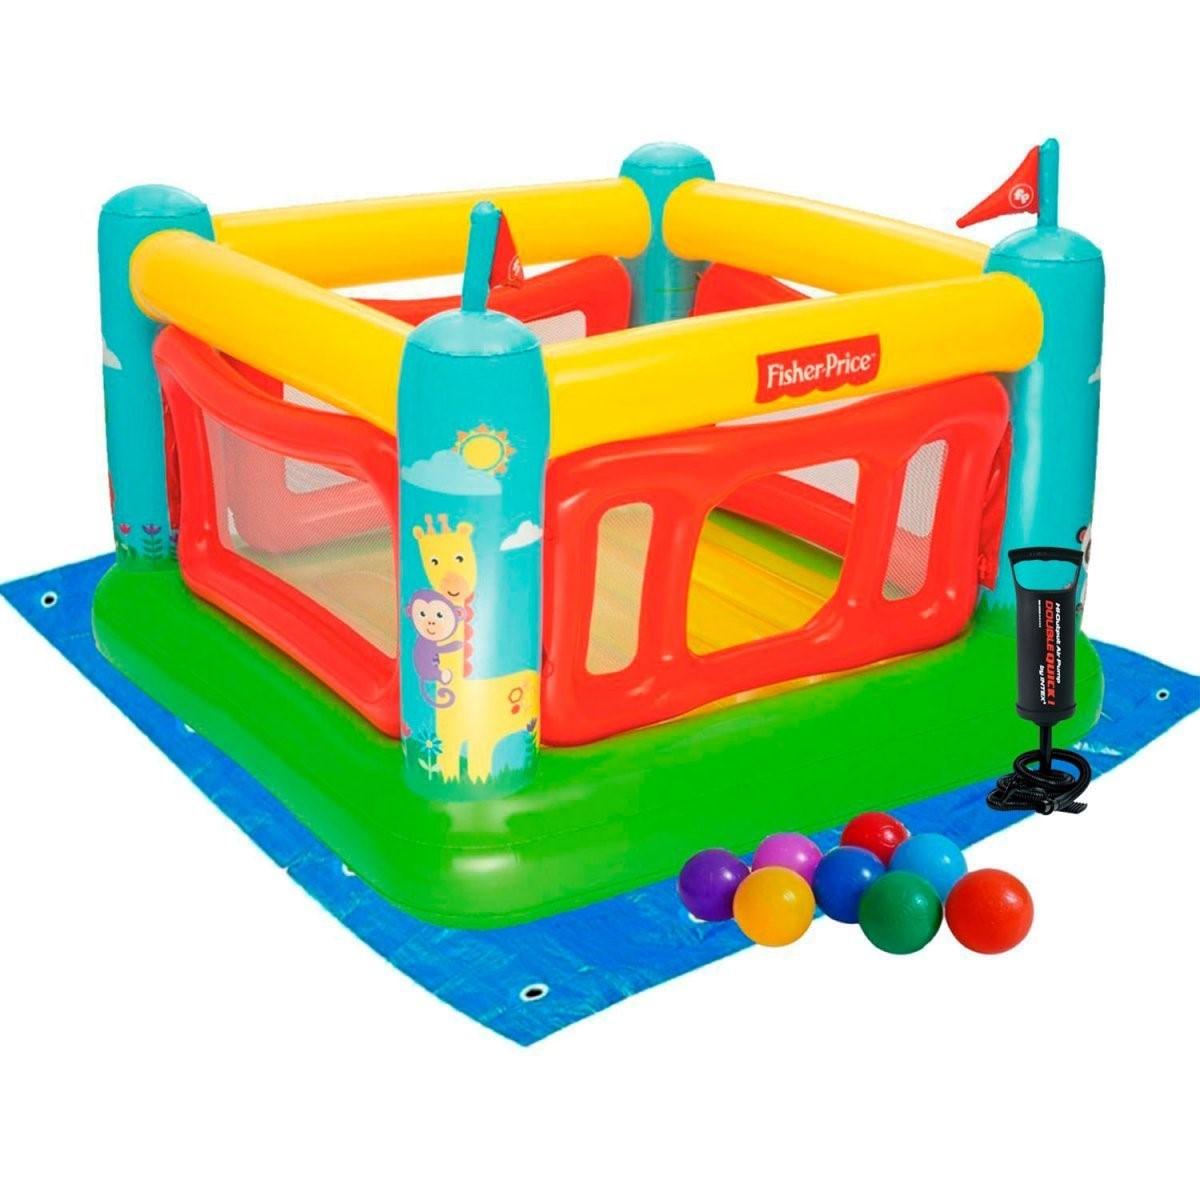 Надувной игровой центр Bestway 175х173х135 см, с шариками 10 шт, подстилкой, насосом